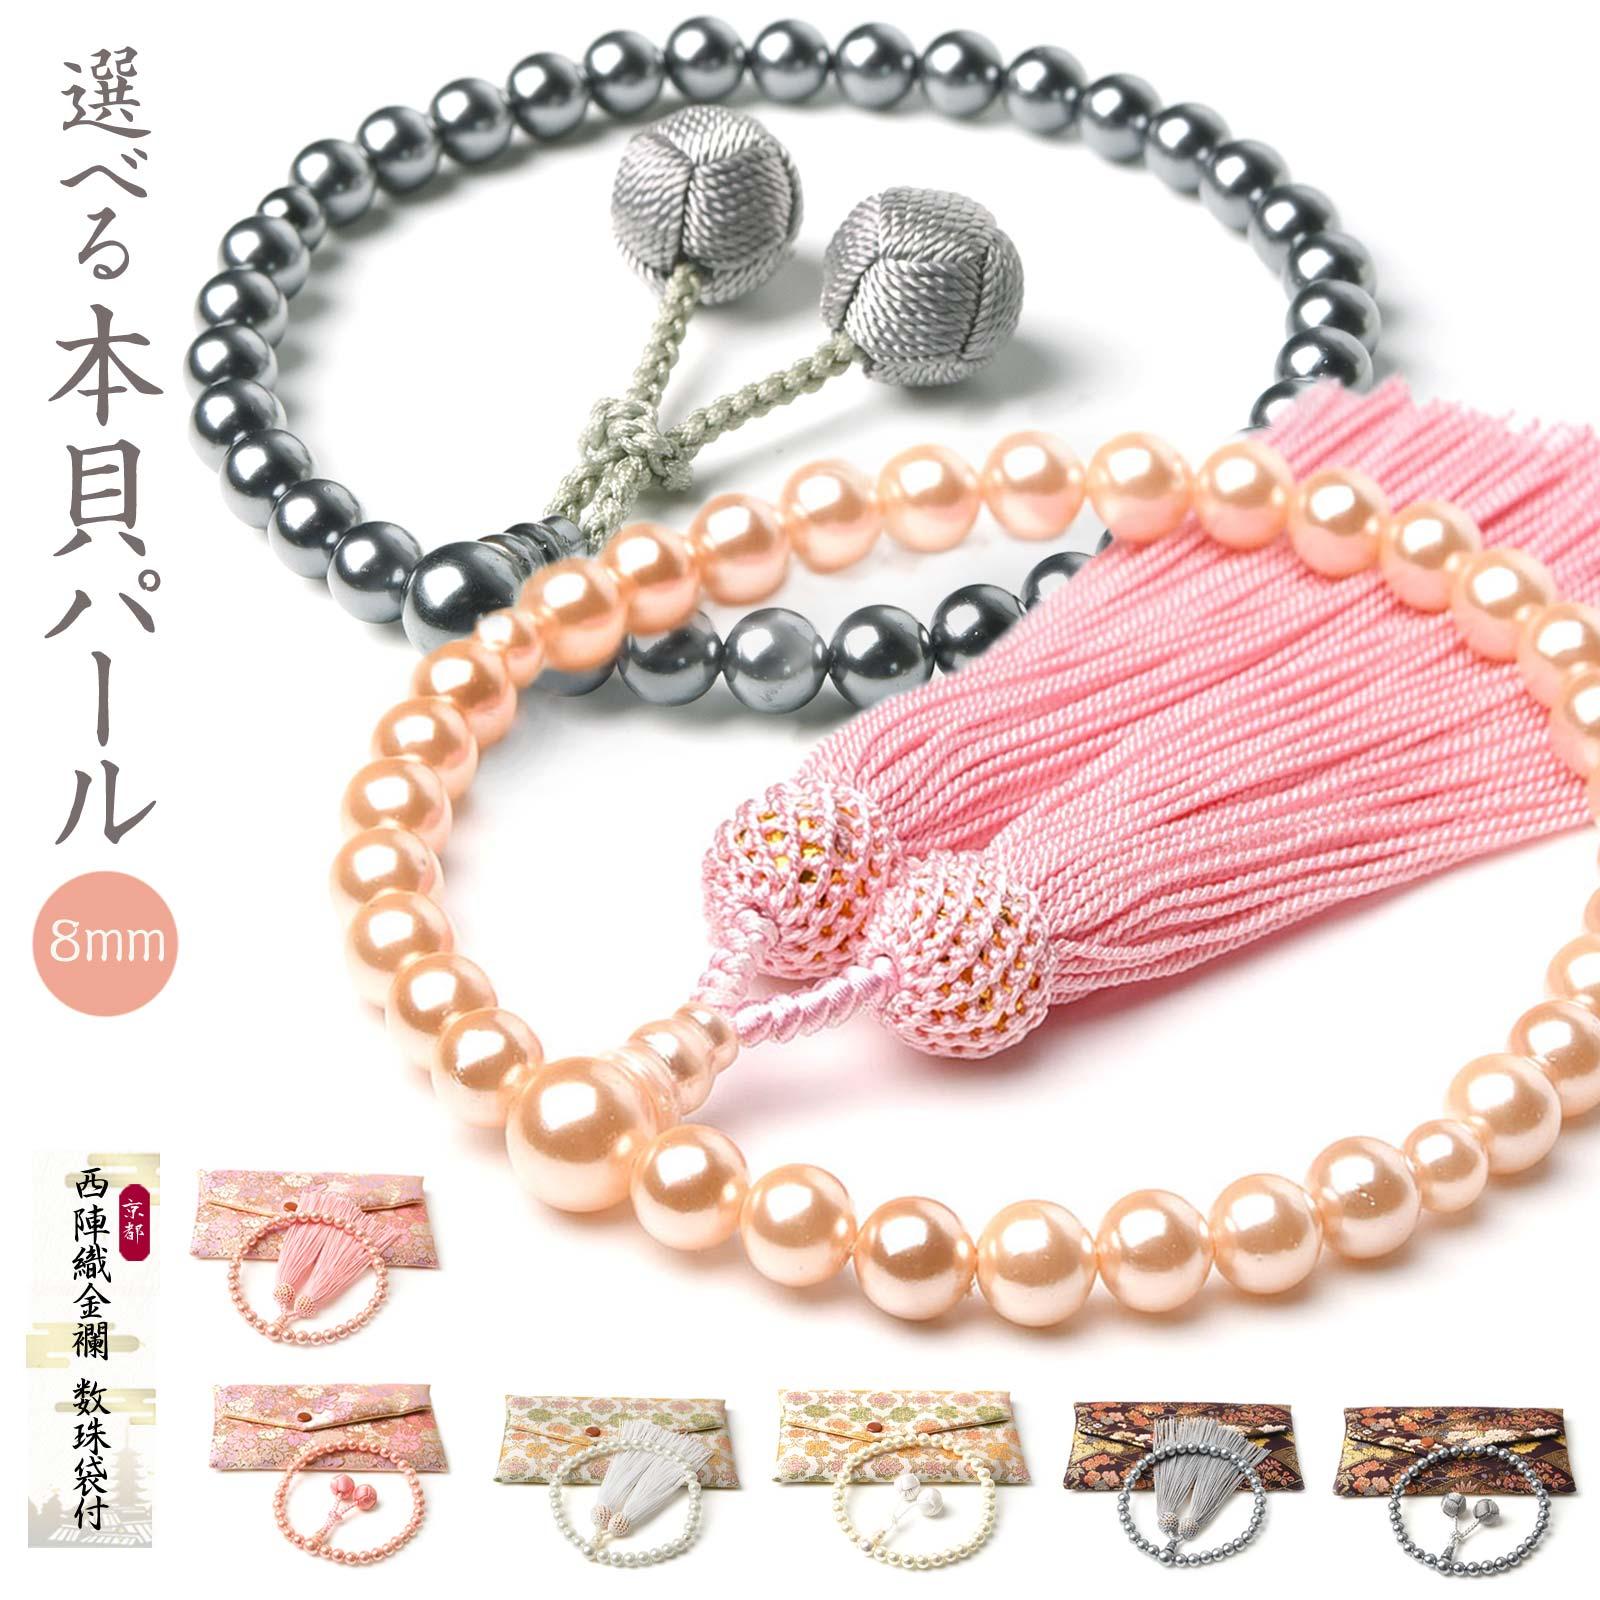 【多種類選・貝パール8mm】 ◆メール便送料無料♪商品ポーチ付 貝パール 真珠 数珠 女性用 男性用 念珠 ブレスレット juzu